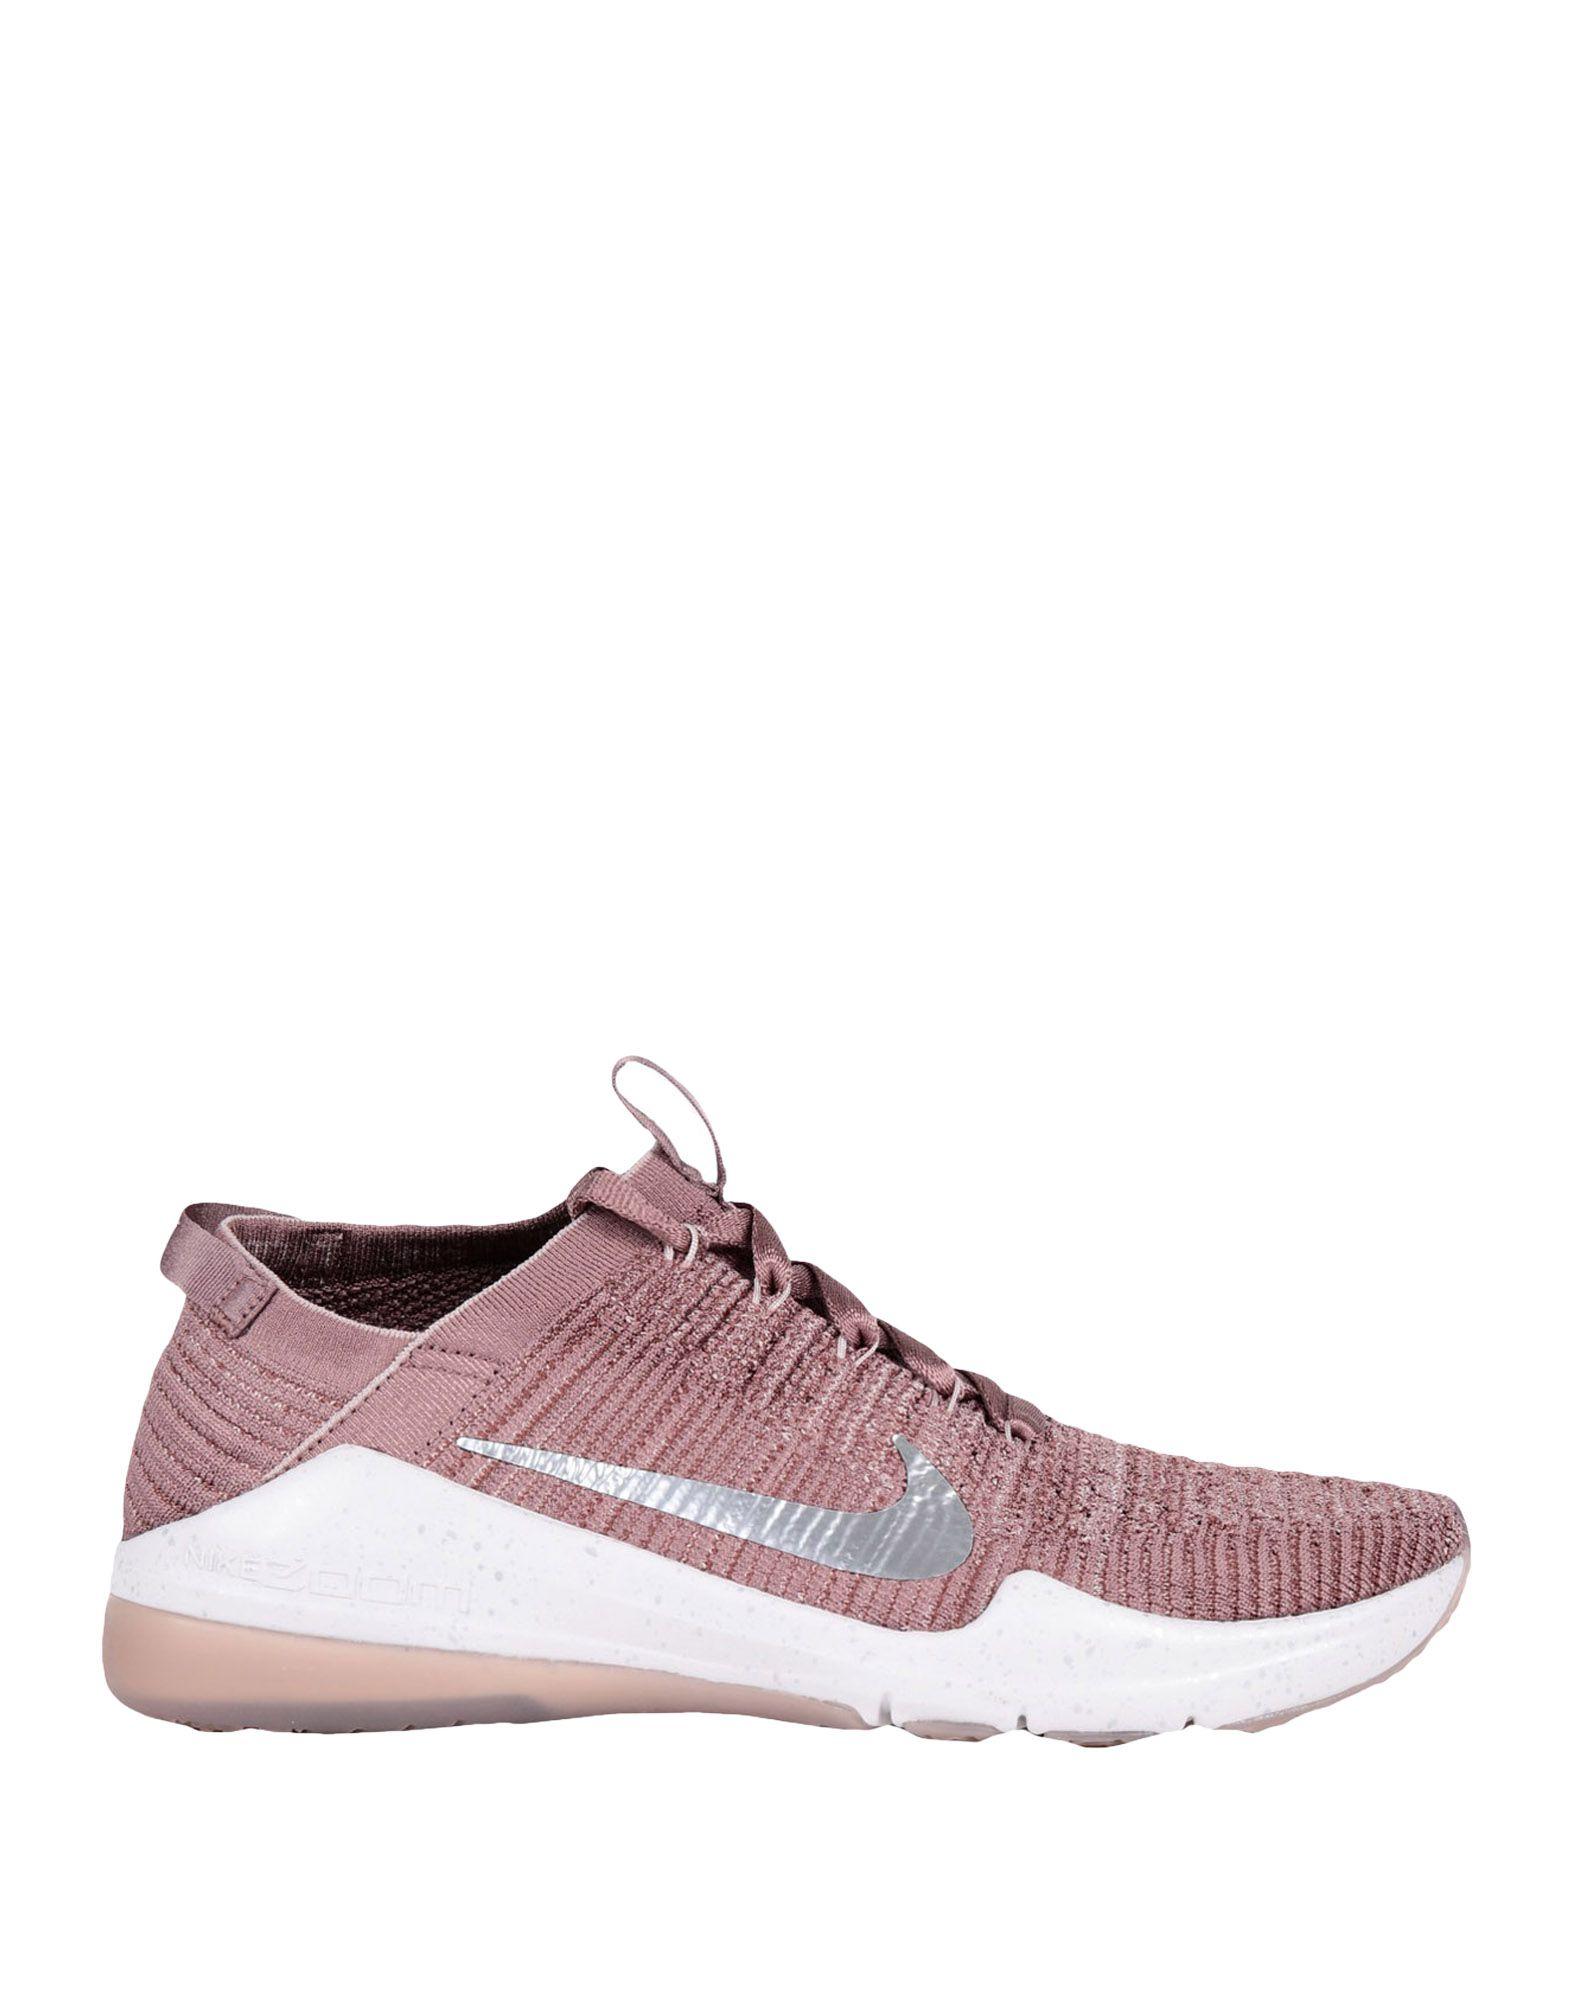 Baskets Nike Air Zm Fearless Fk 2 Lm - Femme - Baskets Nike Mauve Les chaussures les plus populaires pour les hommes et les femmes